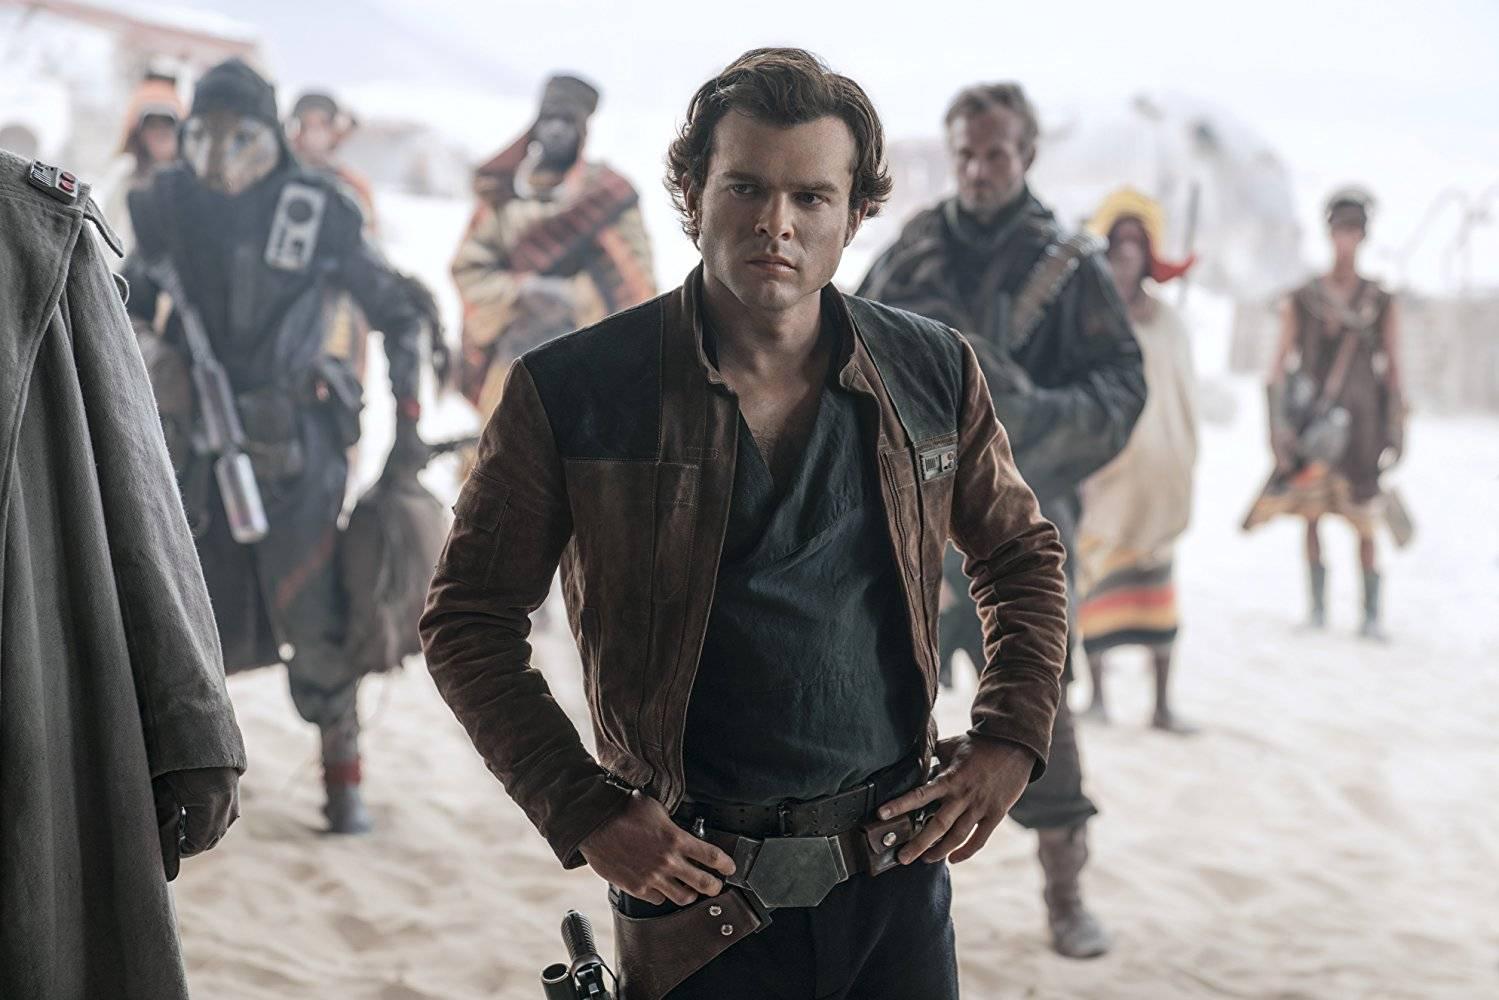 Вышел новый трейлер «Хан Соло. Звёздные войны: Истории». И он отличный!